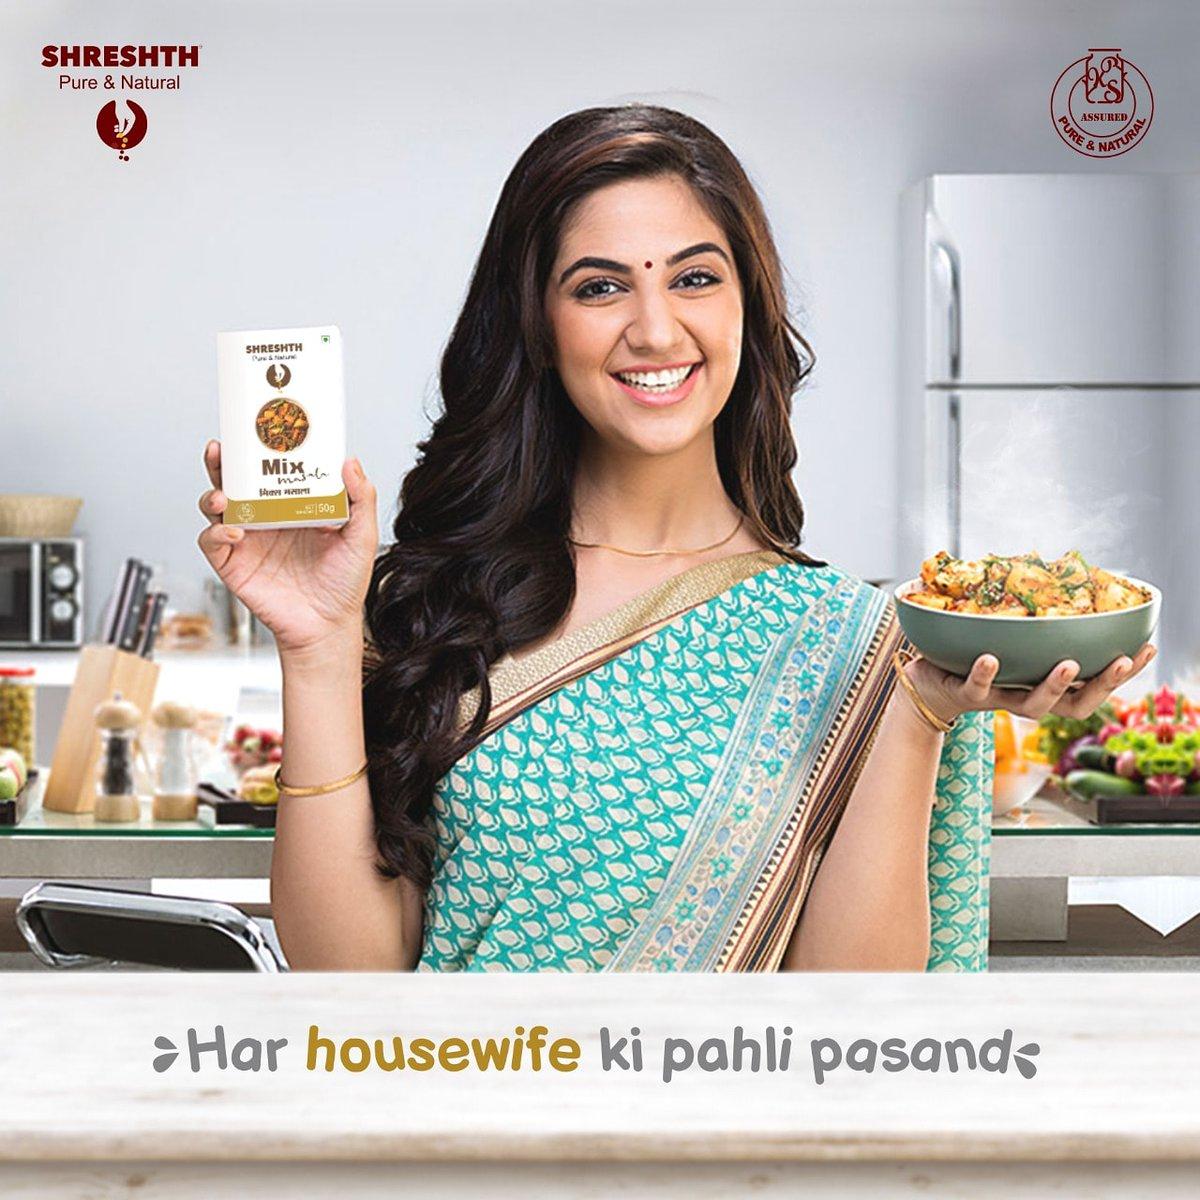 Har ghar ki Pasand . . #Taste #shreshthspices #AtmanirbharBharat #2021 #GreatIndia #foodblogger #bhopal #new #HappyNewYear2021 #makarsankranti2021 #makarsankranti #motivation #lovethetaste #mywifefavarate #shreshthekdambest #shreshth_hai_best